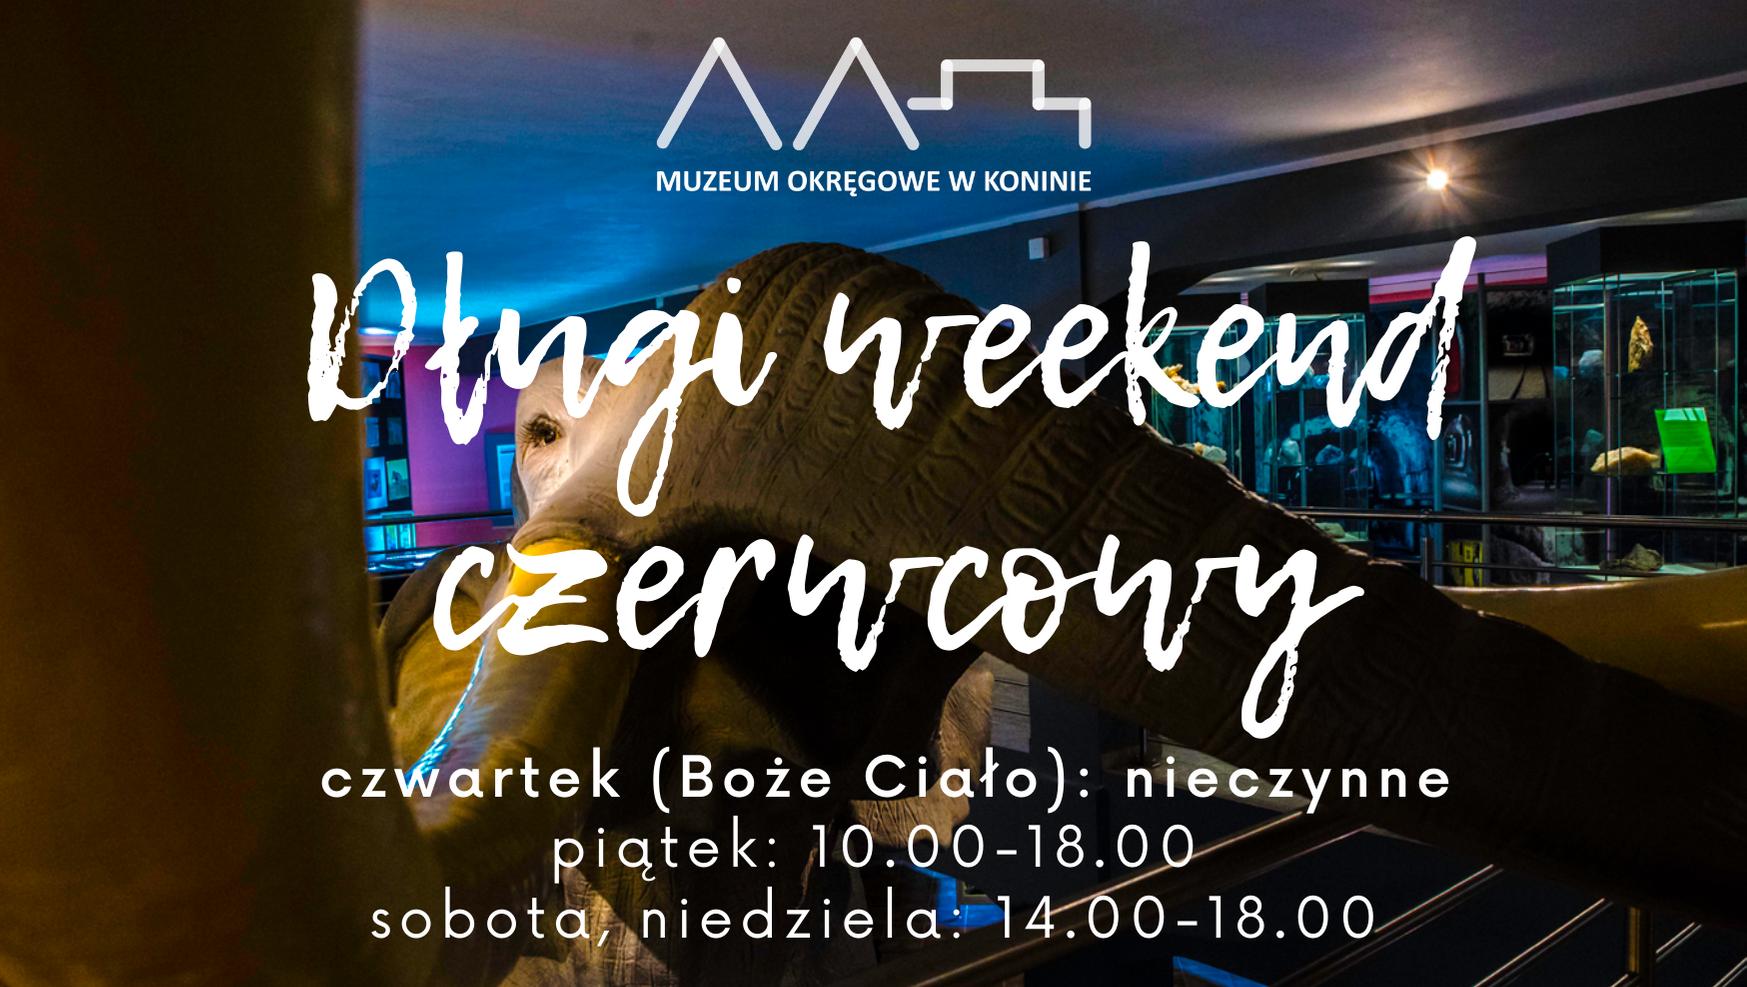 Godziny otwarcia Muzeum w długi weekend czerwcowy